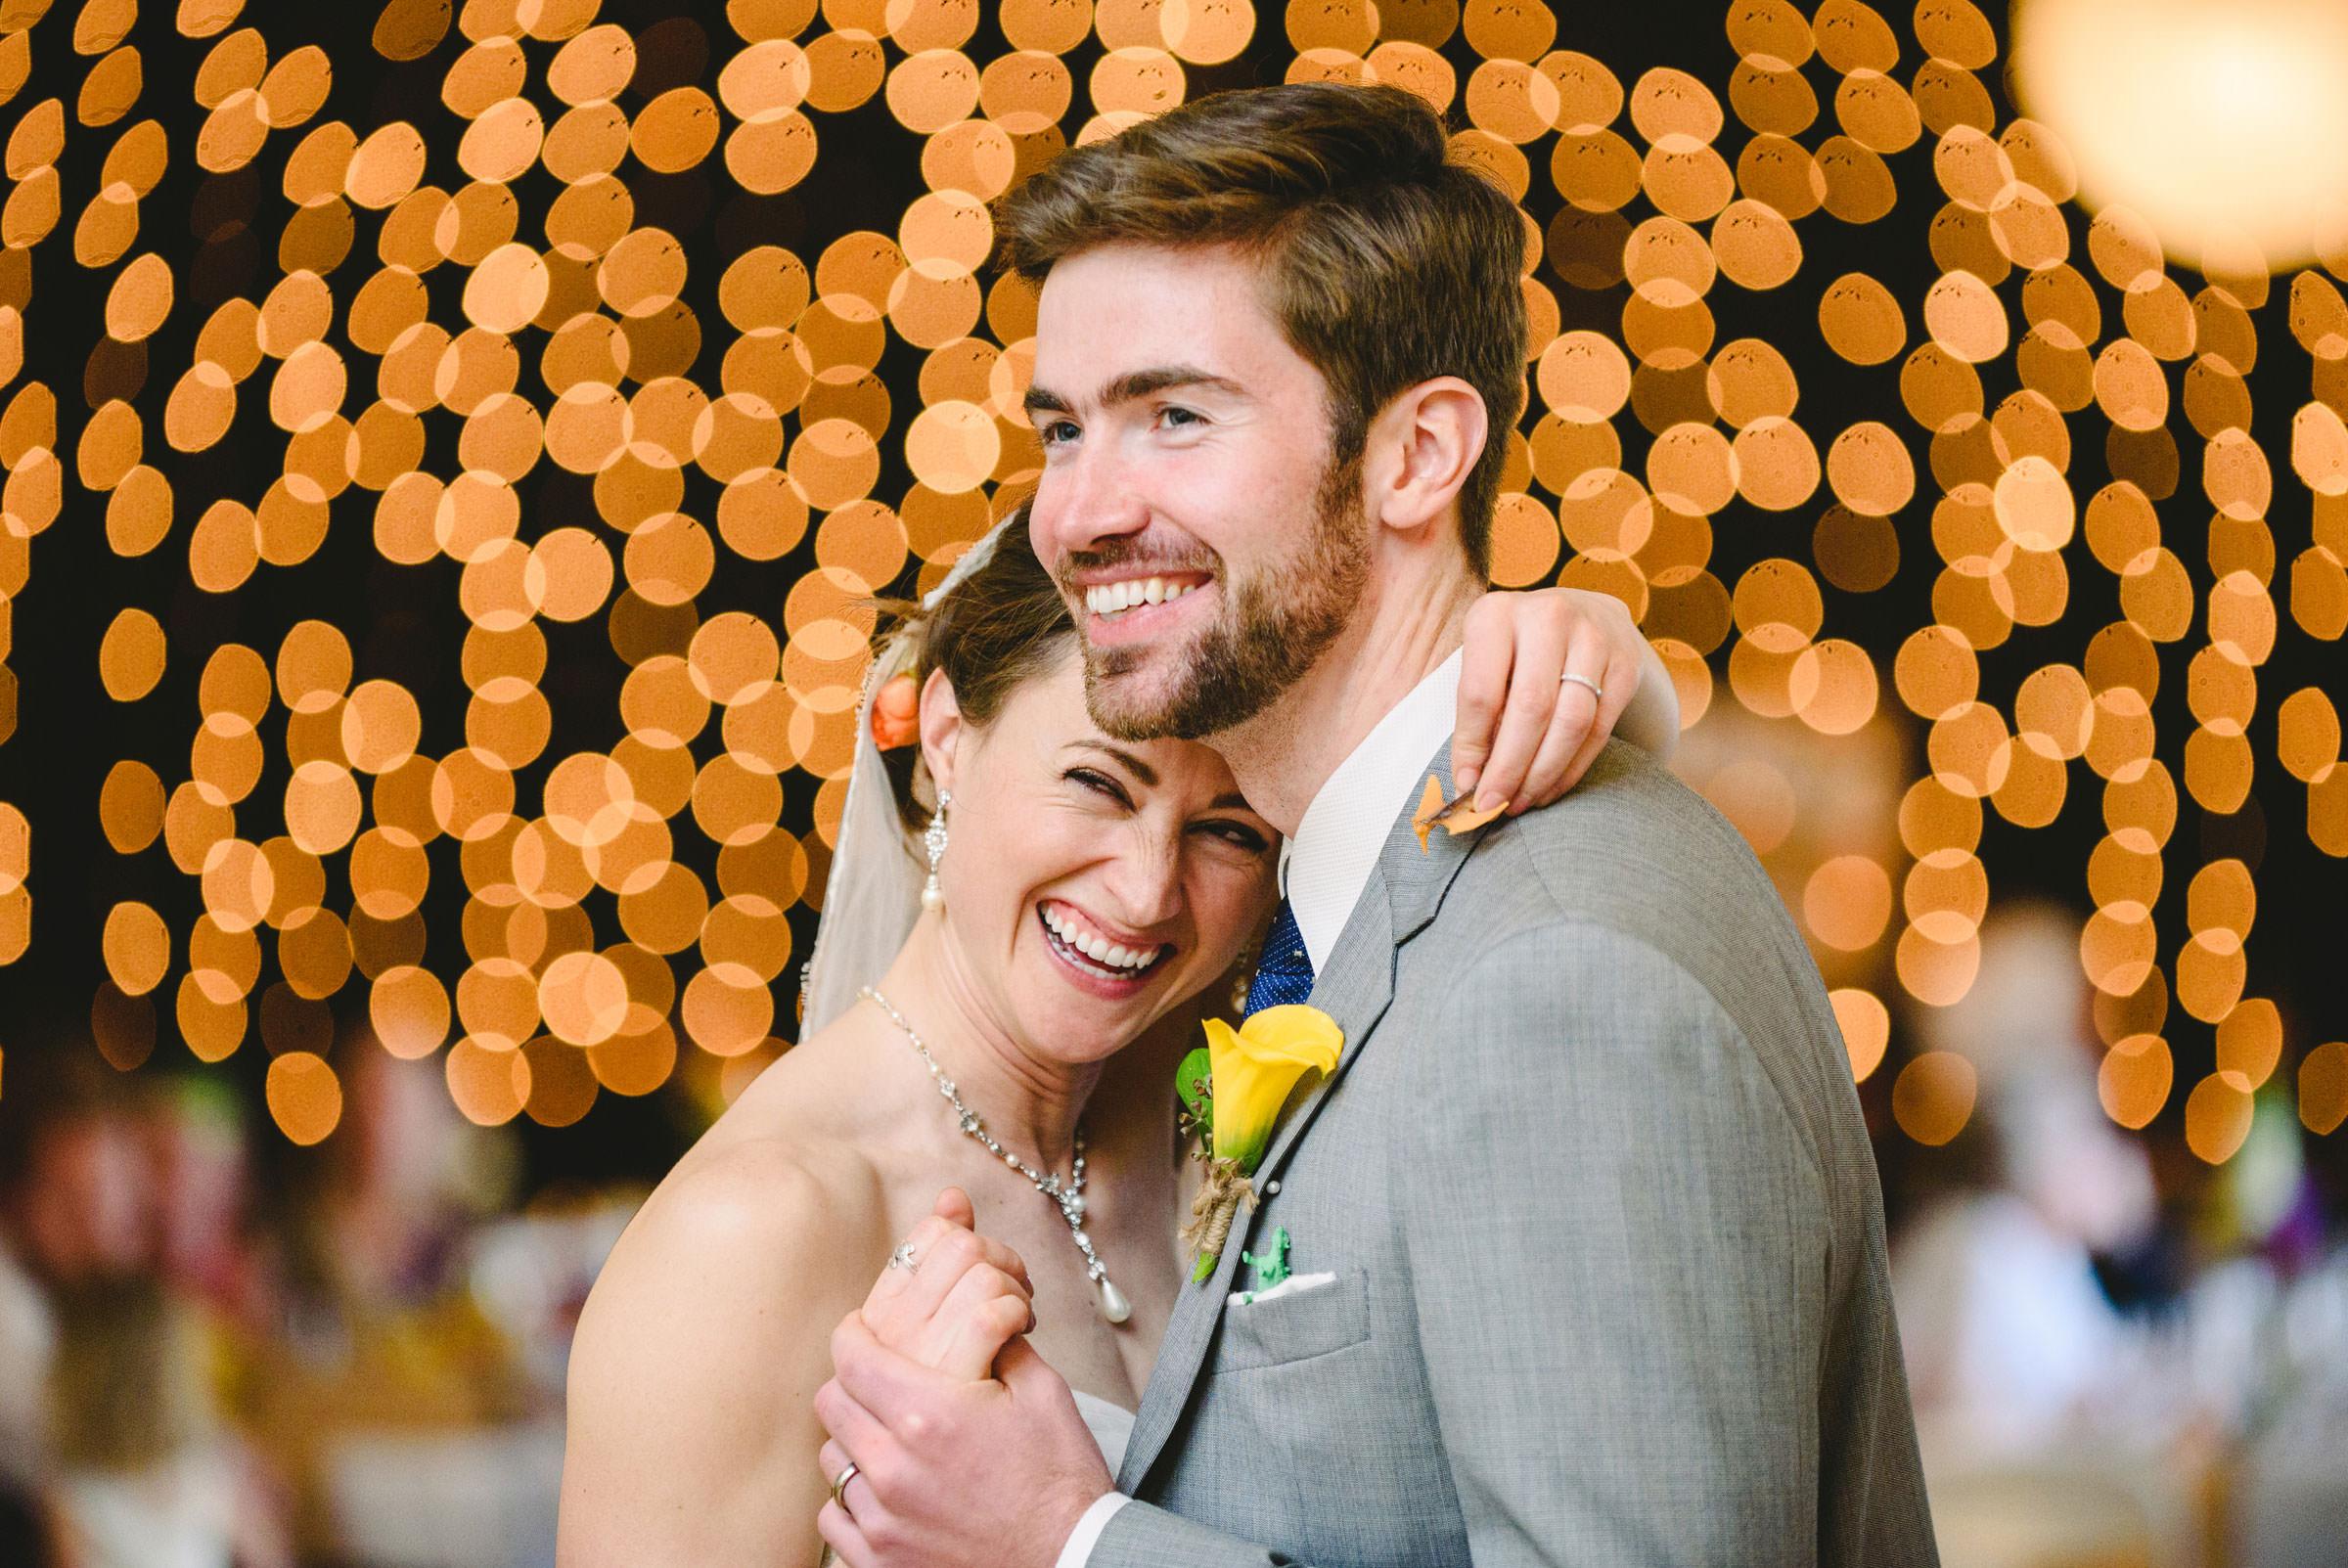 sweet-couple-portrait-with-bokeh-lighting-satya-curcio-photography